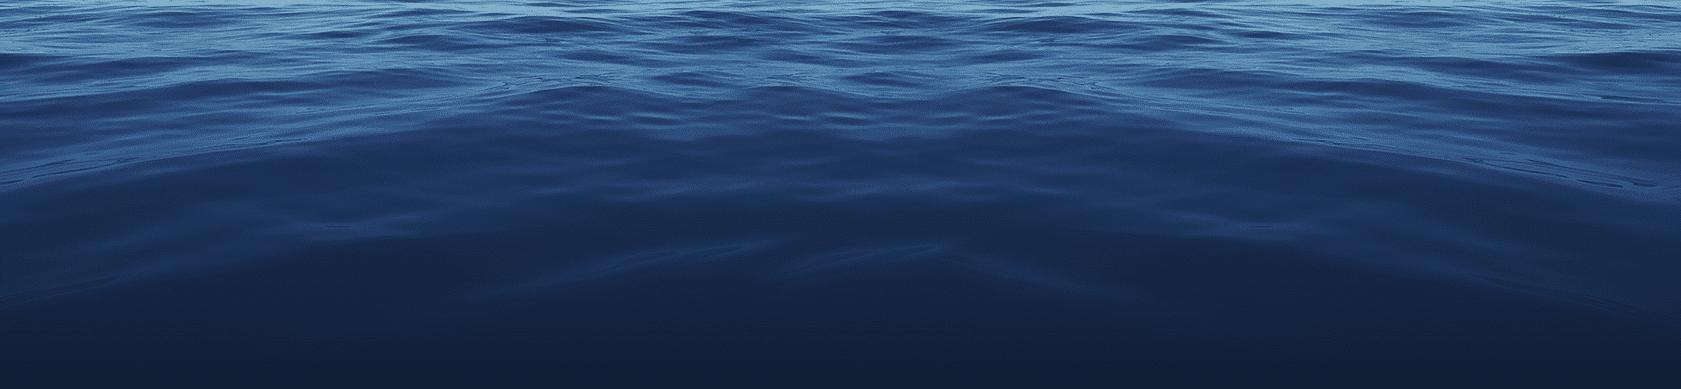 Calm dark blue water